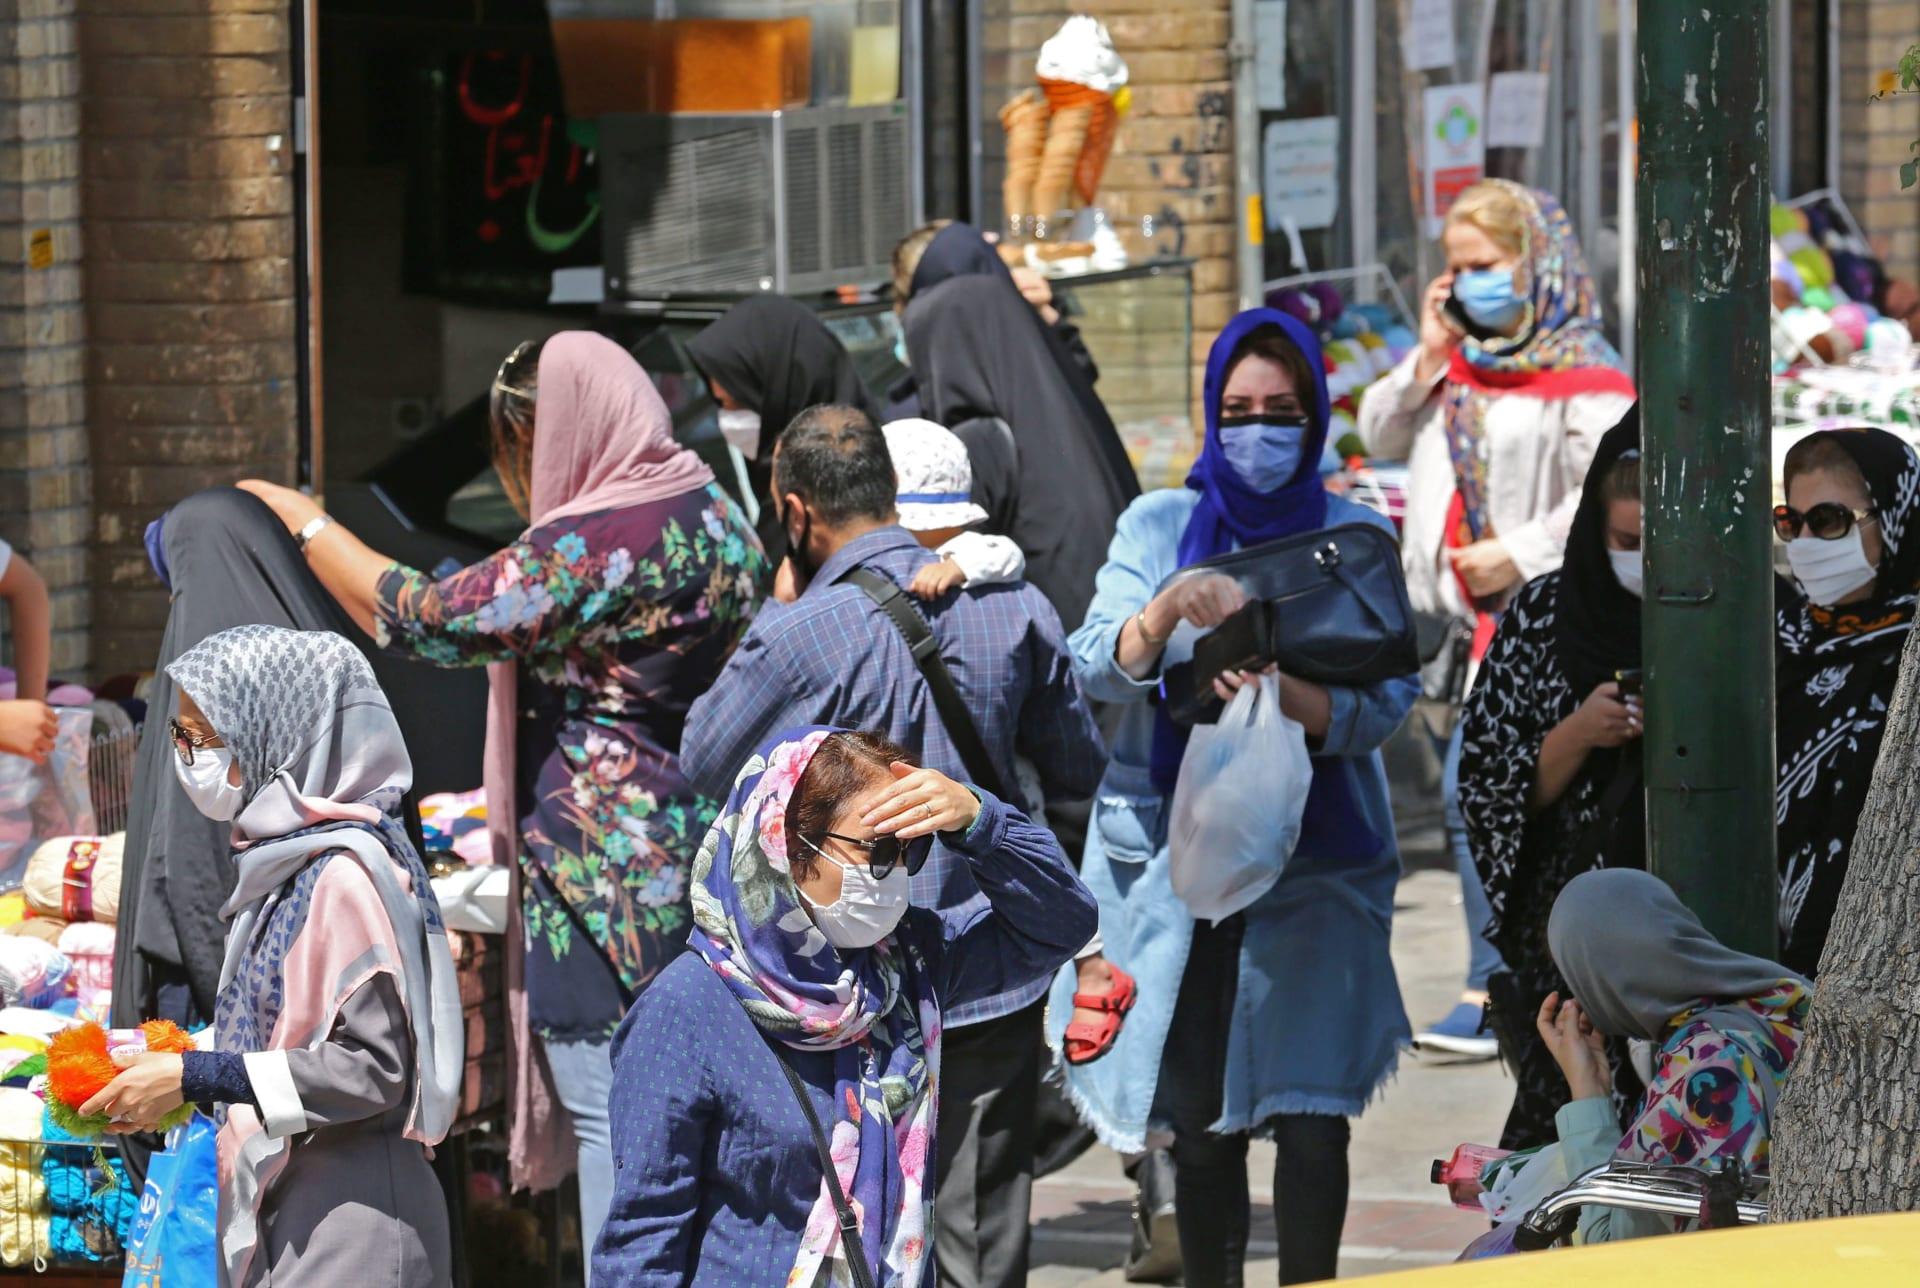 """""""البلاد كلها منطقة حمراء"""".. وفيات كورونا في إيران تتجاوز 24 ألف مع 2825 إصابة جديدة"""